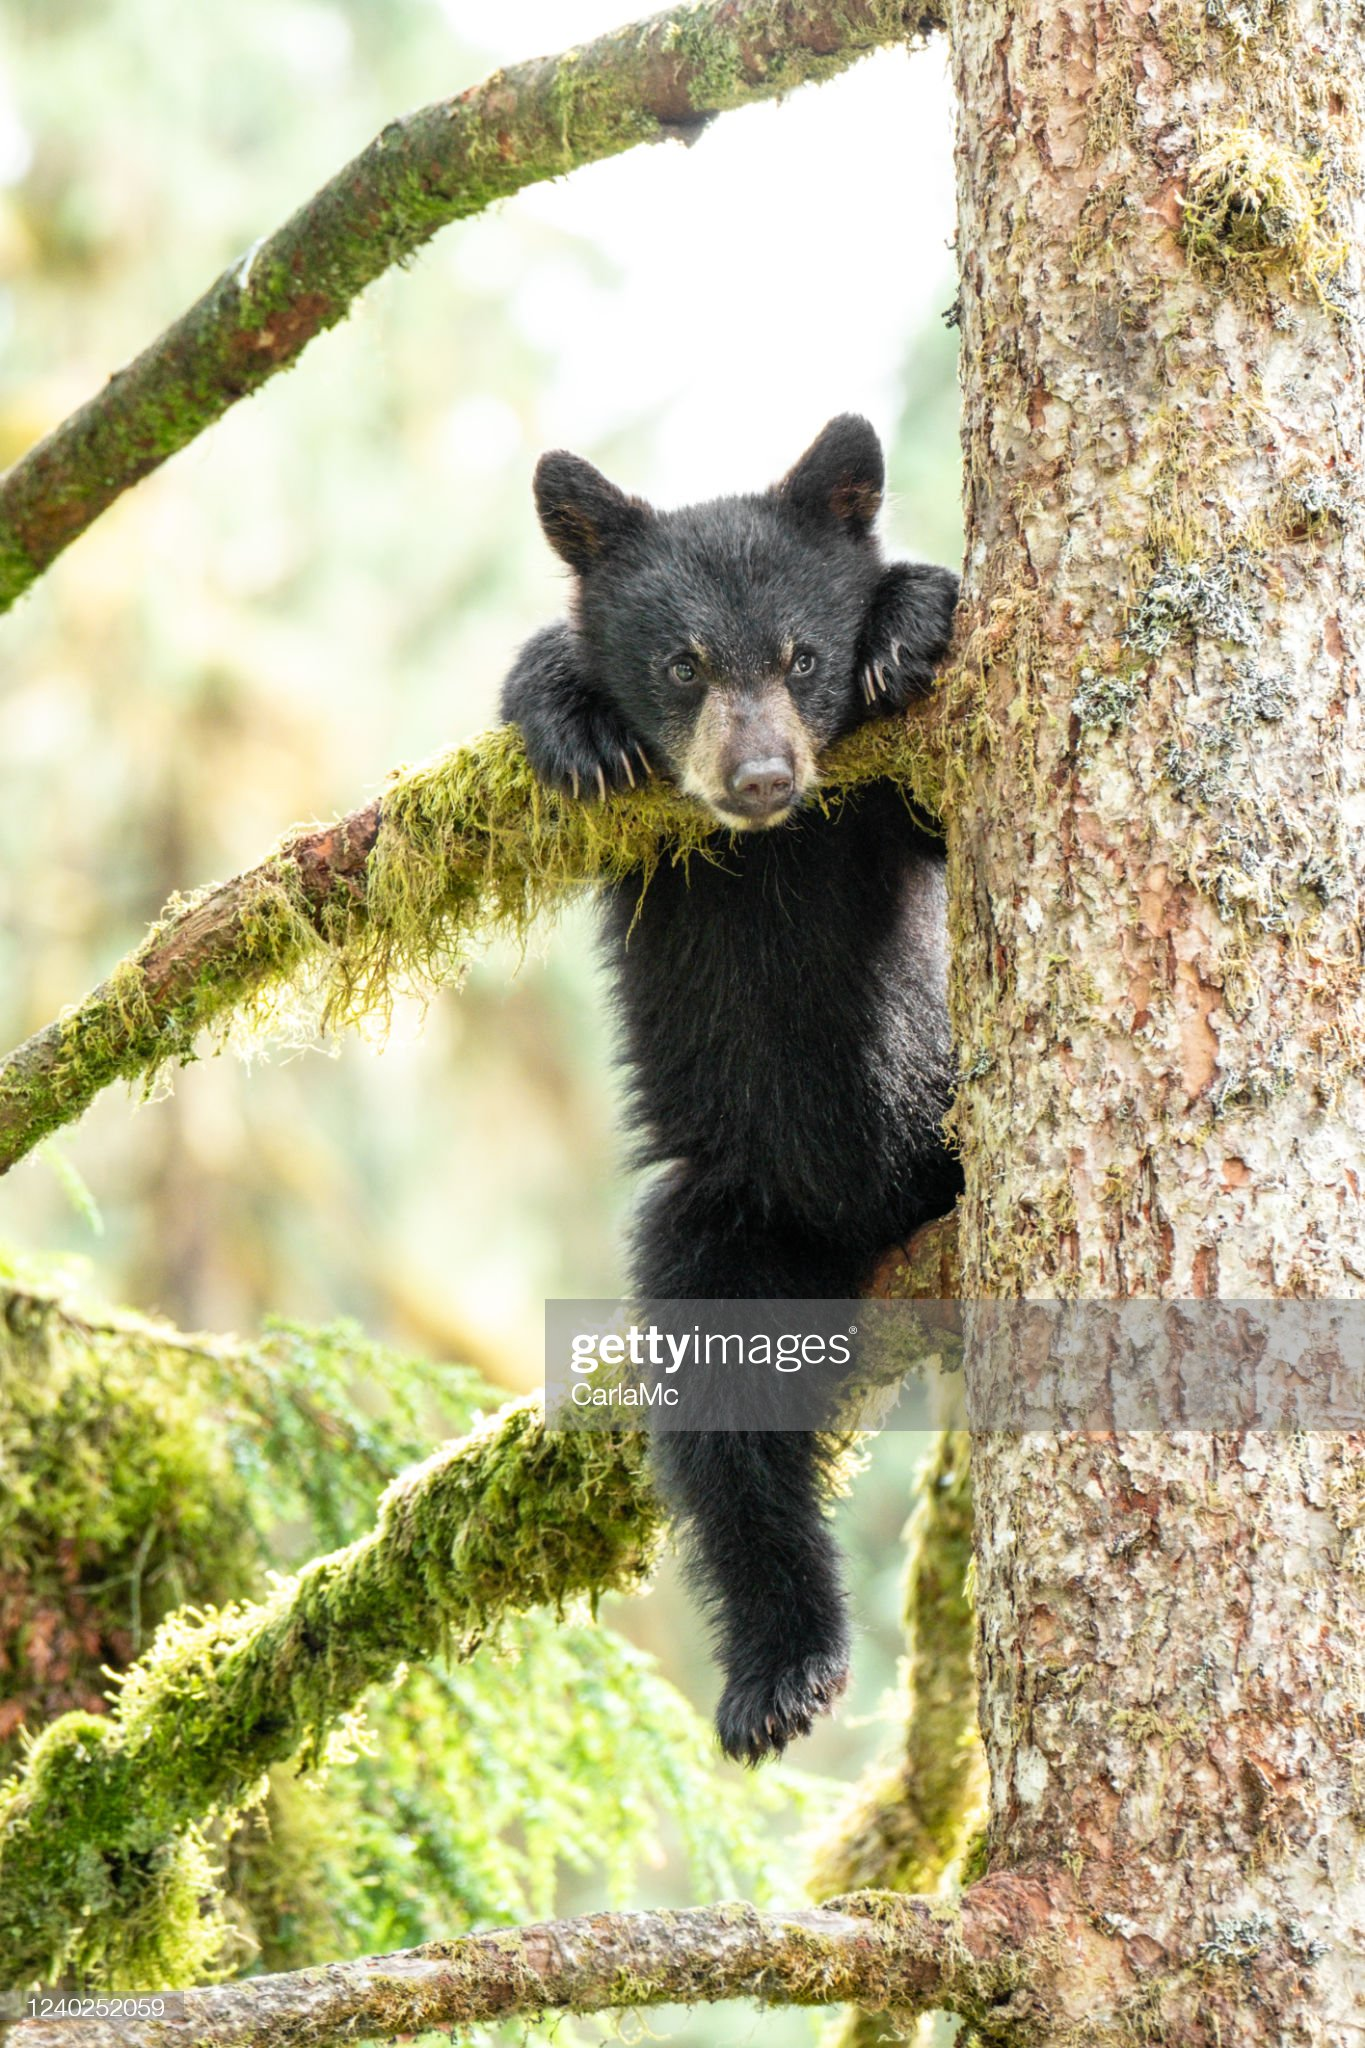 阿拉斯加樹上的熊幼崽 : 圖庫照片